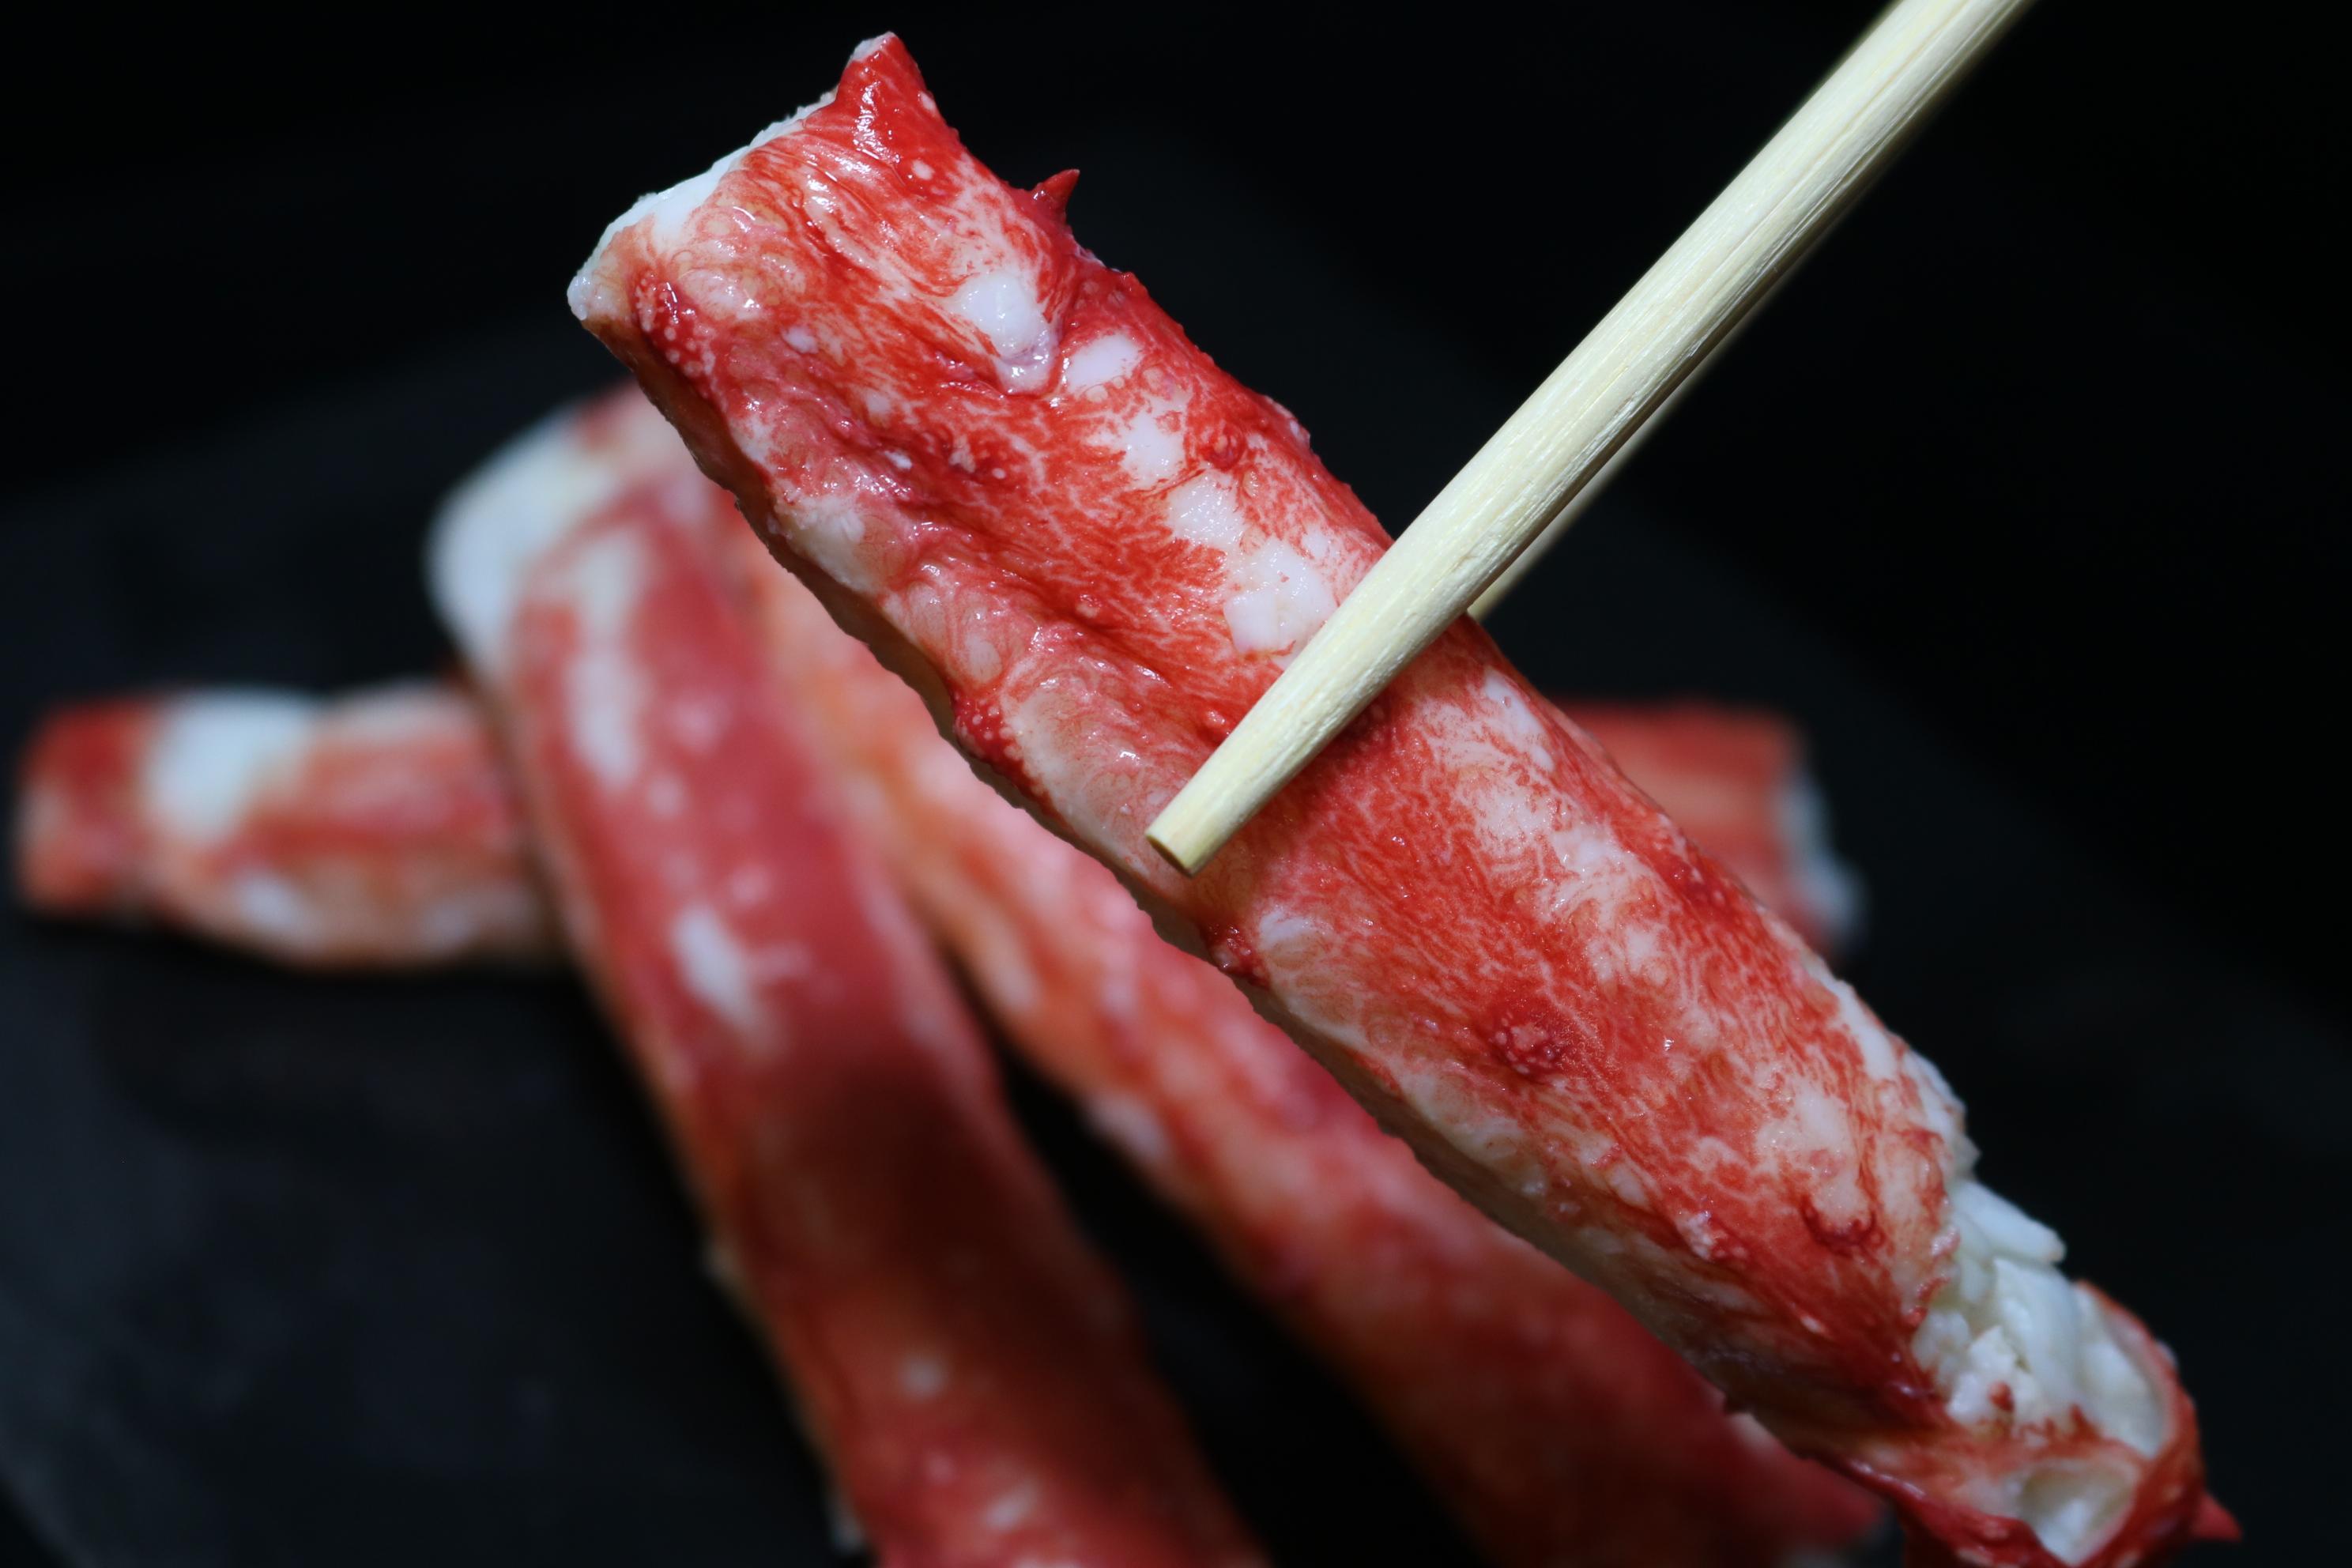 <p>カニの王様たらばがにの棒肉だけを贅沢に真空パックしました。</p><p>食べ応えのある棒肉を是非ご賞味ください。</p><p>※こちらの商品は冷凍品になります。</p>